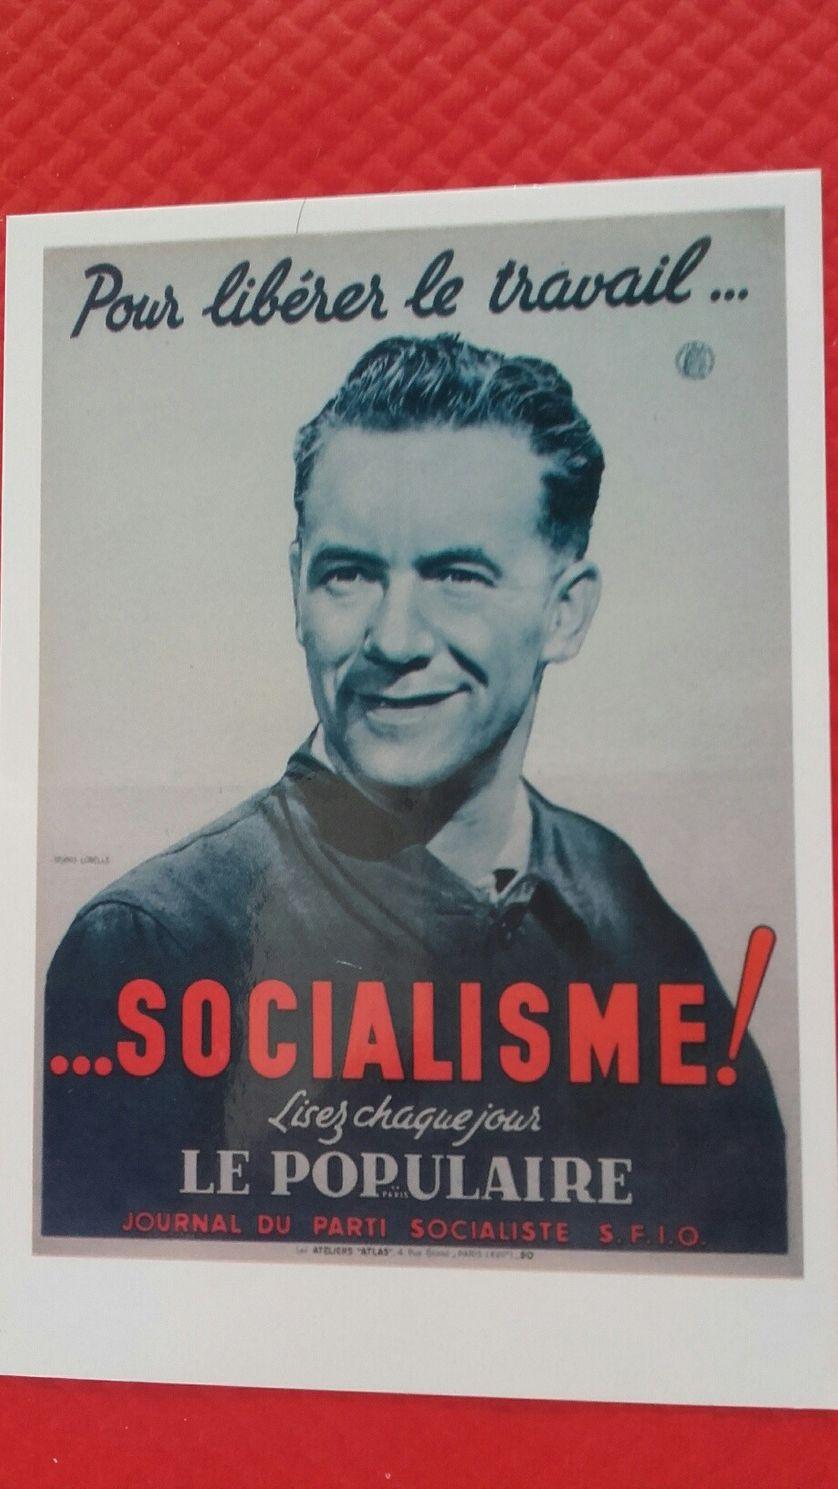 ancienne affiche du Parti Socialiste/SFIO